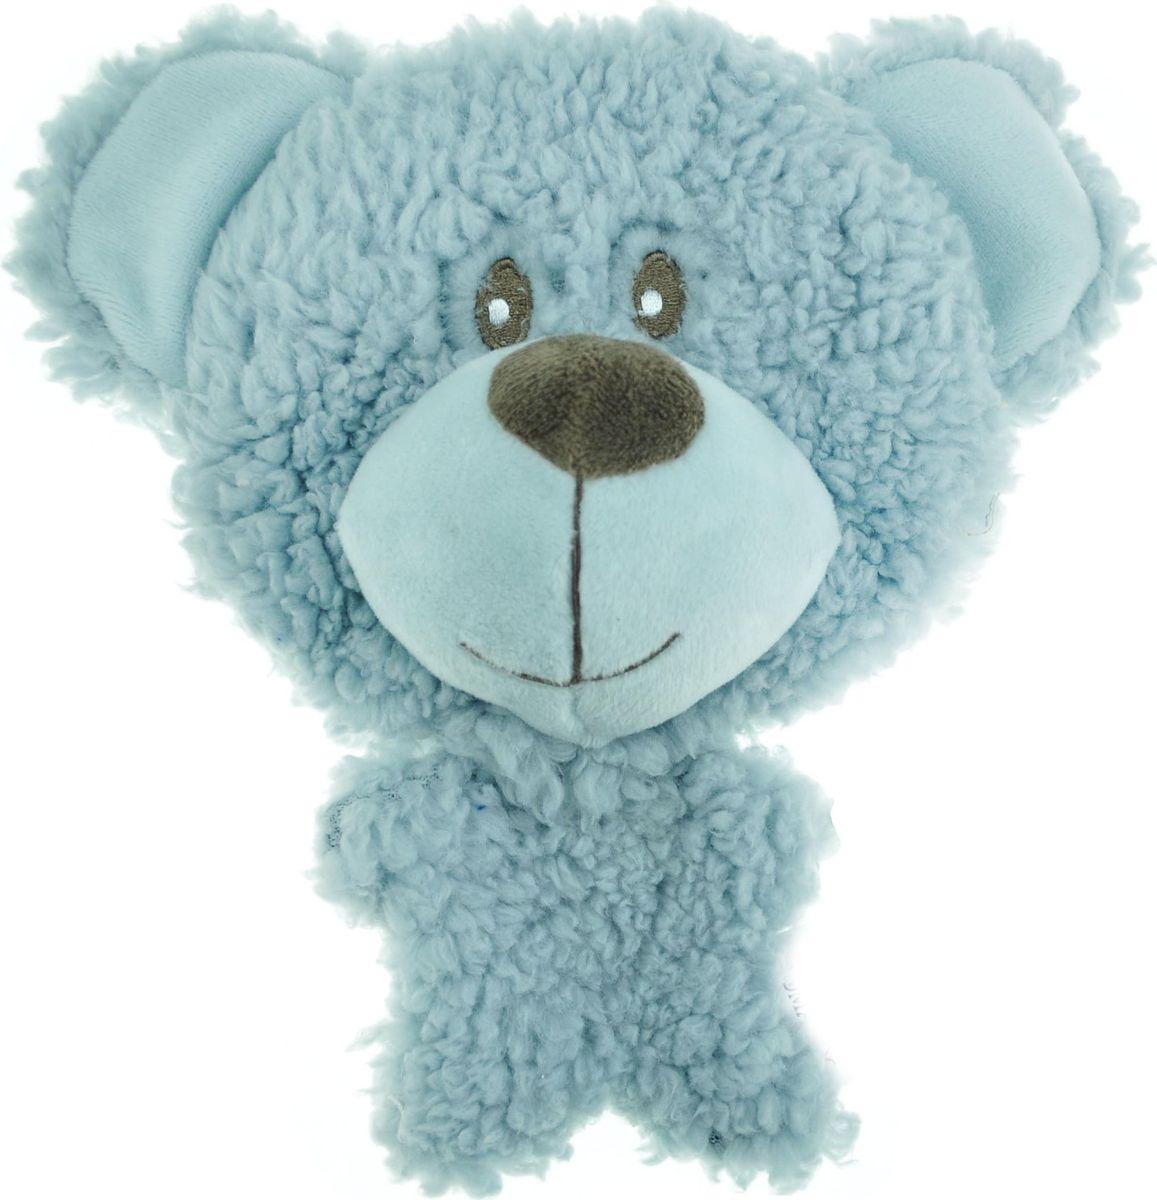 Игрушка для собак Aromadog Big Head. Мишка, цвет: голубой, 12 смsh-08005MAromadog создал первую в мире интерактивную игрушку с натуральным эфирным маслом.В конструкции игрушки имеется пищалка с наполнителем пропитанным маслом лаванды. При каждом нажатии на игрушку аромат высвобождается.При изготовлении используется эфирное масло лаванды 100% терапевтической чистоты.Запатентованная технология для стойкого аромата.Использование игрушки рекомендовано ветеринарными врачами.Игрушка корректирует поведение питомца.Она успокаивает. Борется с гиперактивностью.Использование игрушки рекомендовано собакам со следующими поведенческими проблемами:Разлука с хозяином: Пожалуйста, не уходи!Беспокойство по ночам: Почему все спят?Визит к ветеринарному врачу: Эти неизвестные и пугающие запахи!Боязнь грома и петард: Эти звуки меня пугают!Питомцы из приюта: Они полюбят меня?Скука: О! Новая игрушка, как хорошо. Спокойствие, баланс….